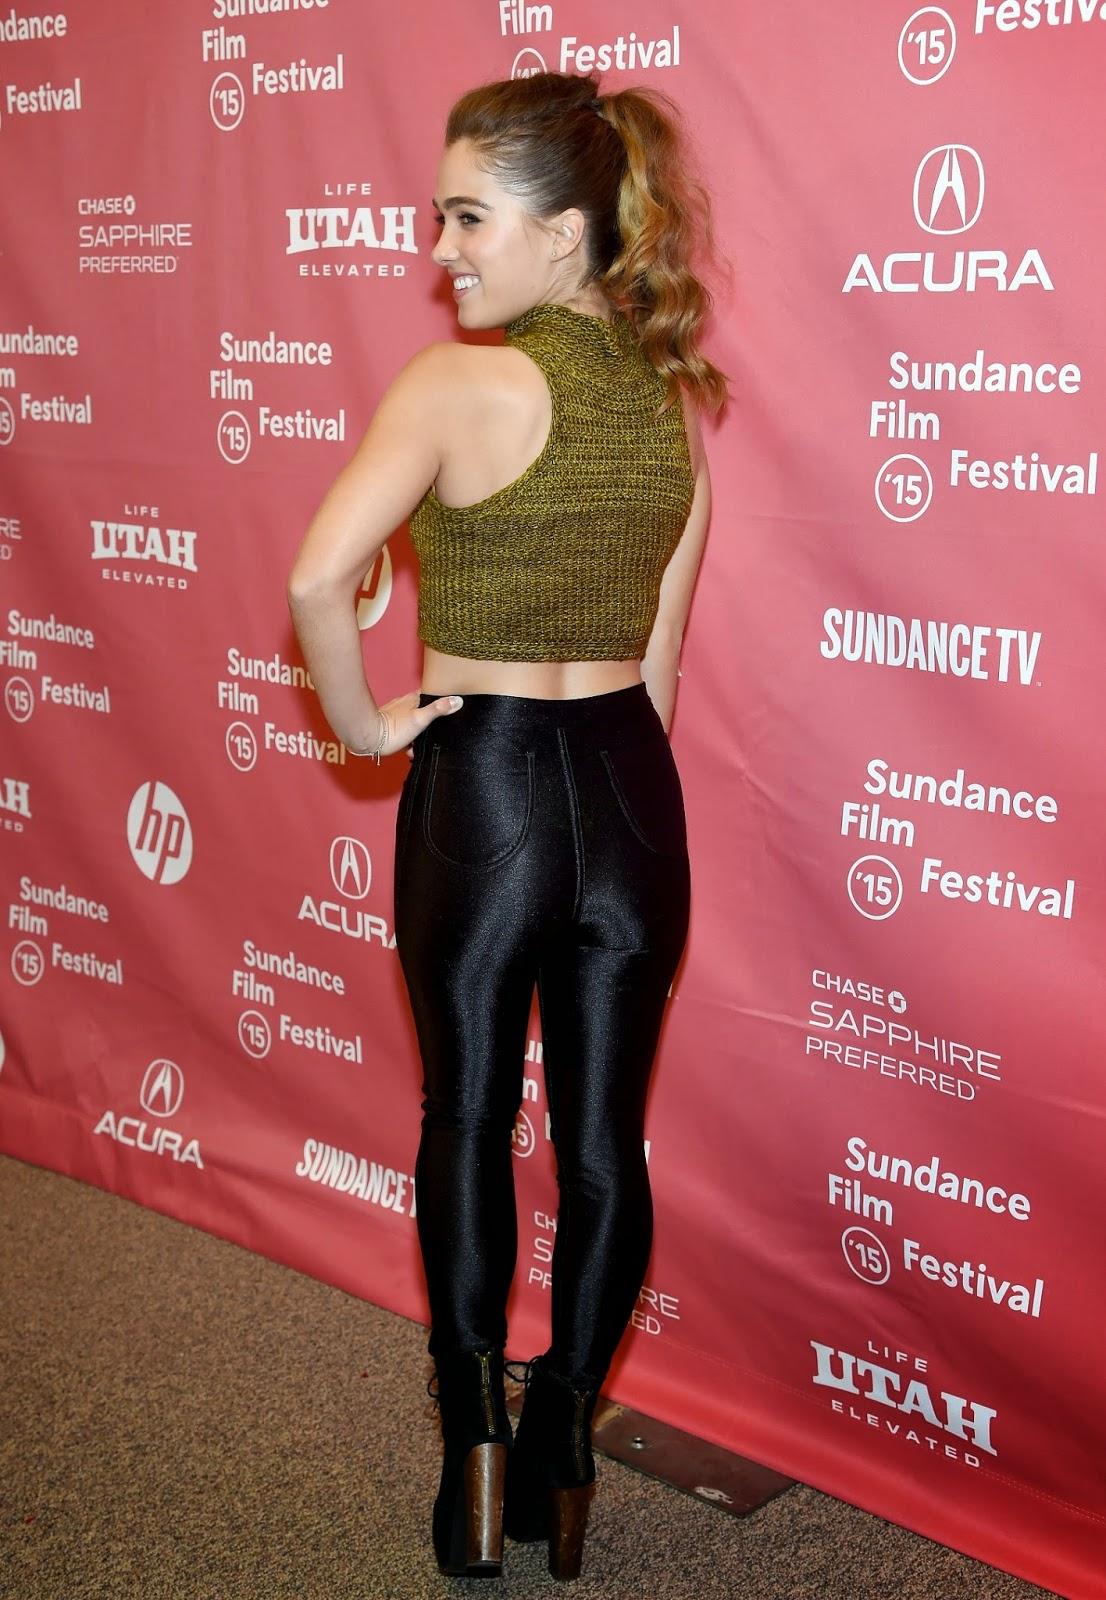 الممثلة الأمريكية هالي لو ريتشاردسون في العرض البرونزي في مهرجان صندانس في بارك سيتي